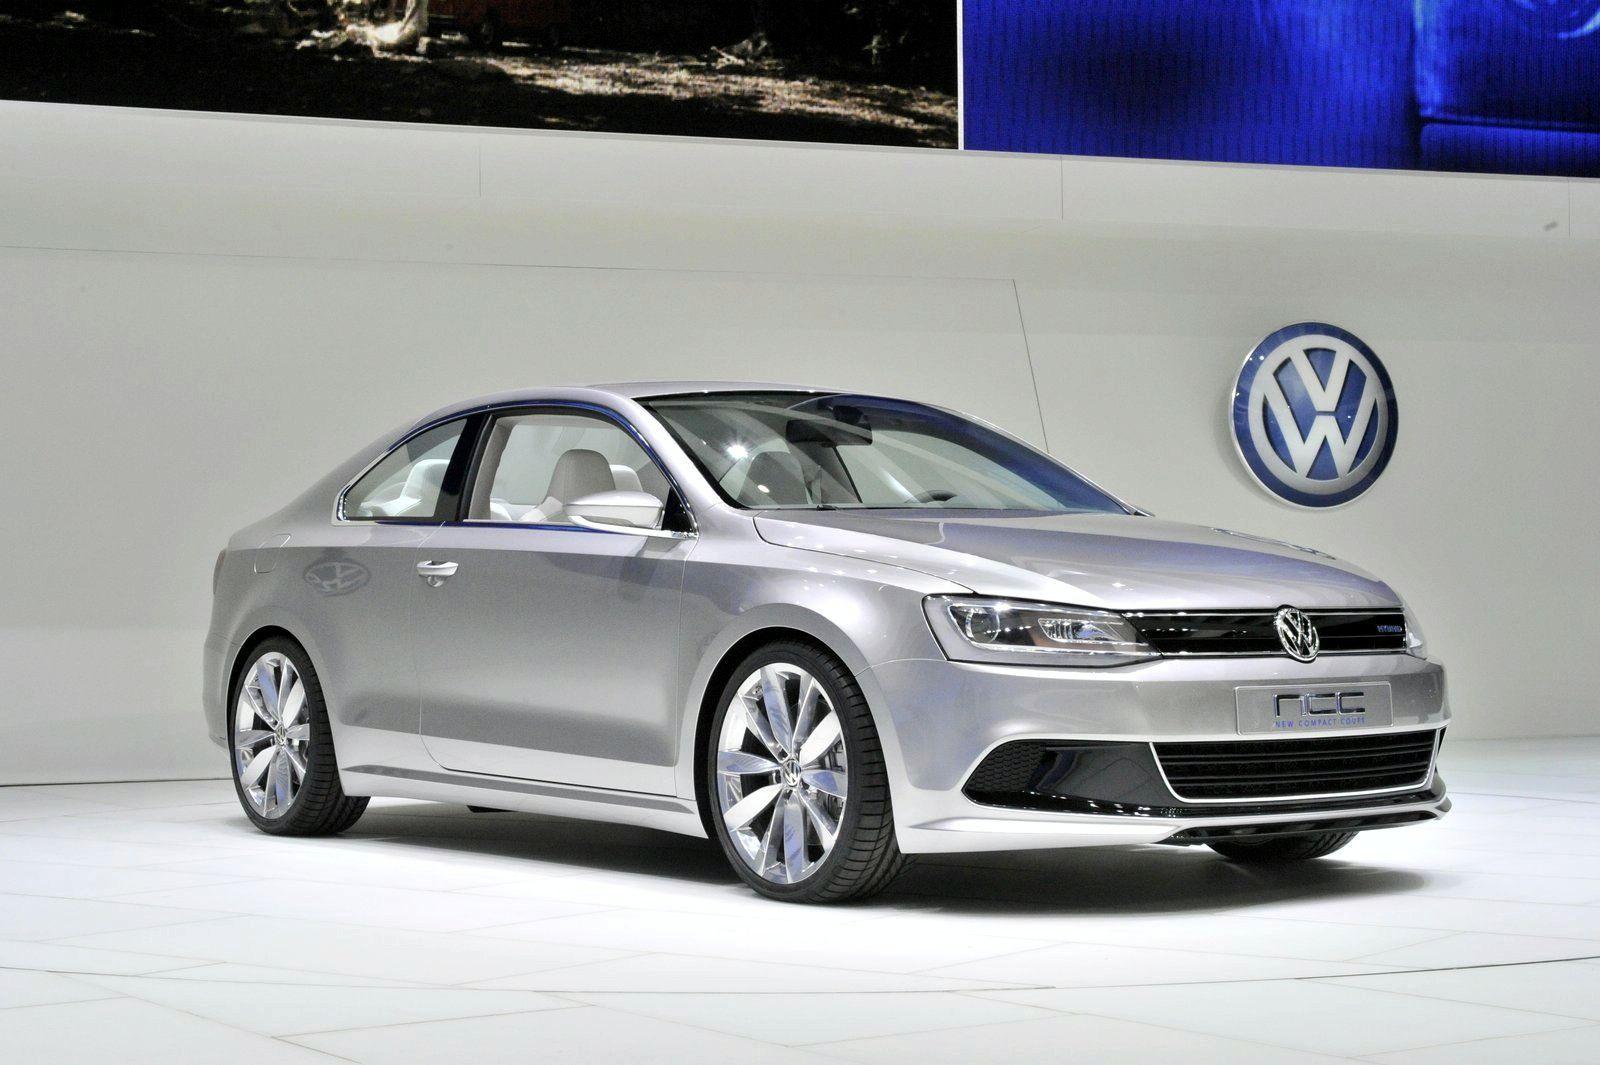 Volkswagen New Compact Coupe 2013 Jetta Passat